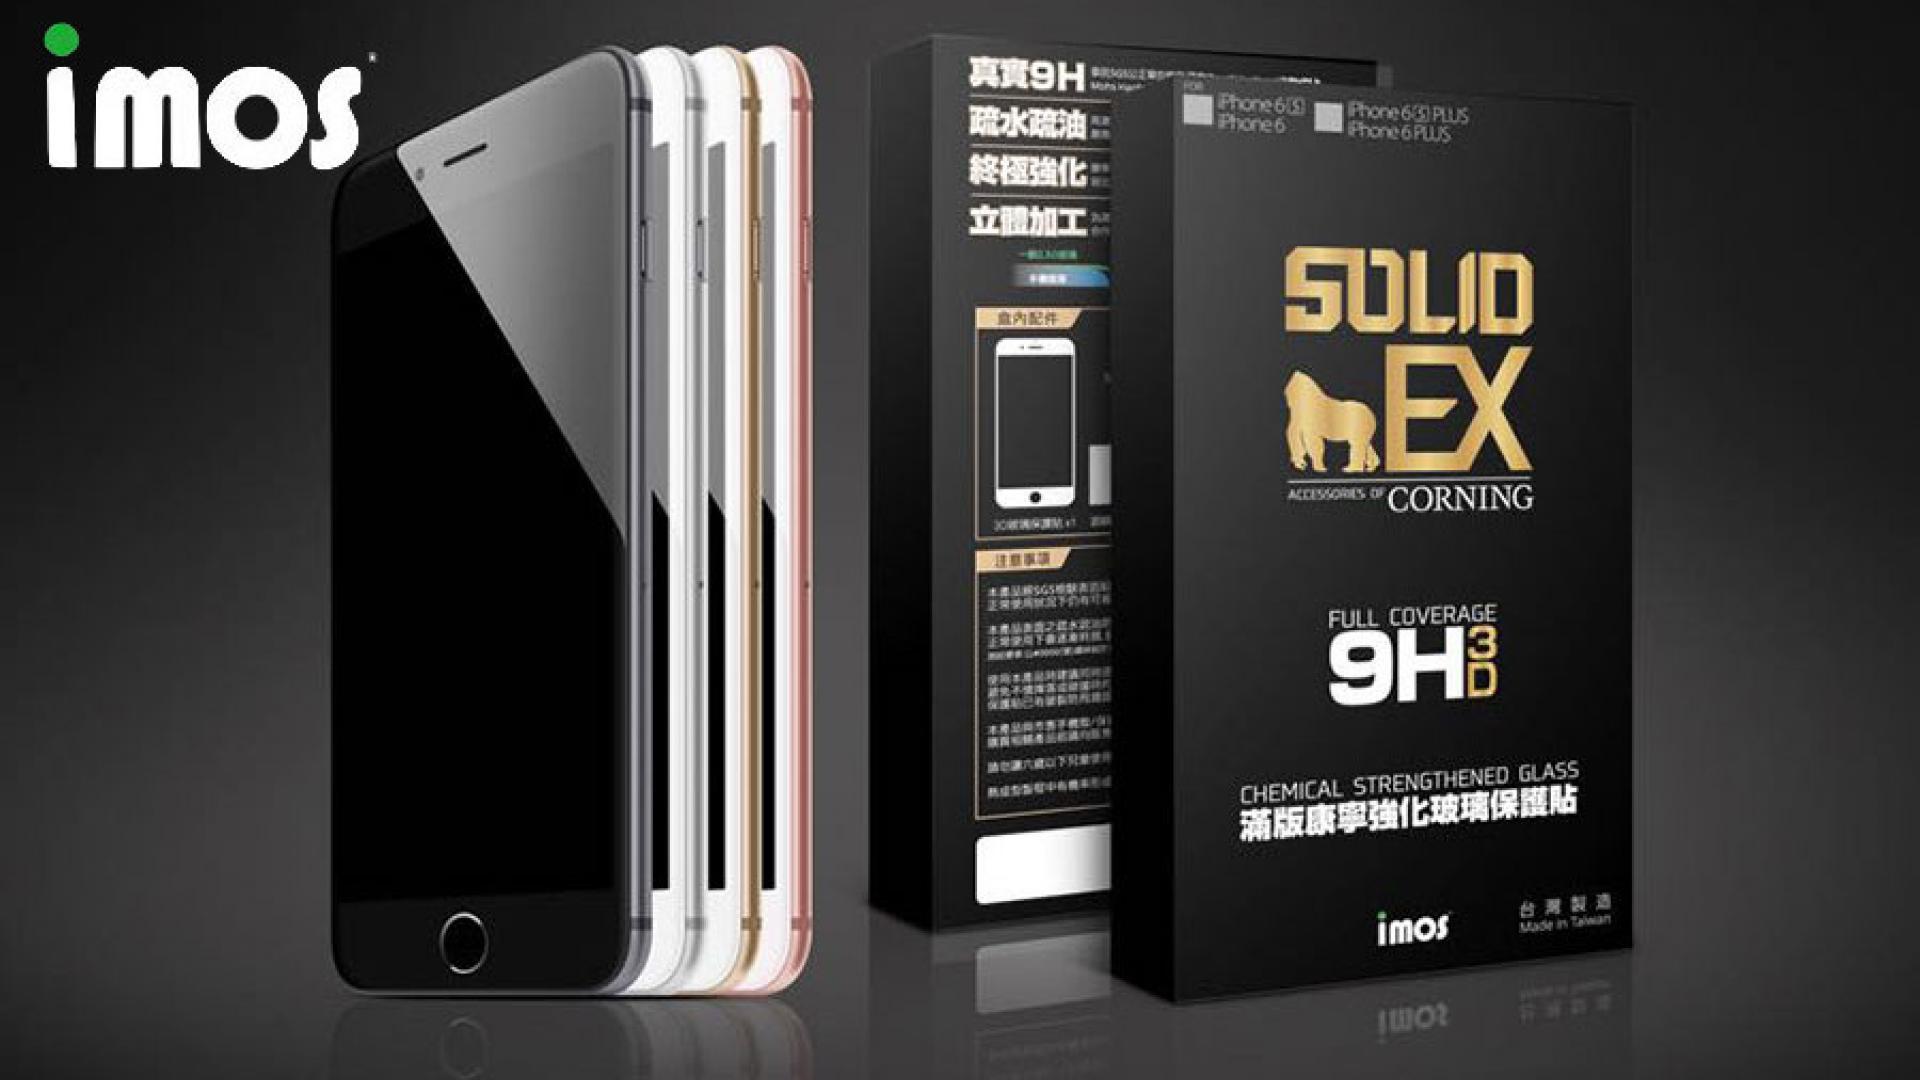 開箱 Iphone 6s專用imos 3d滿版康寧強化玻璃保護貼 3d Touch可用 Applefans 蘋果迷